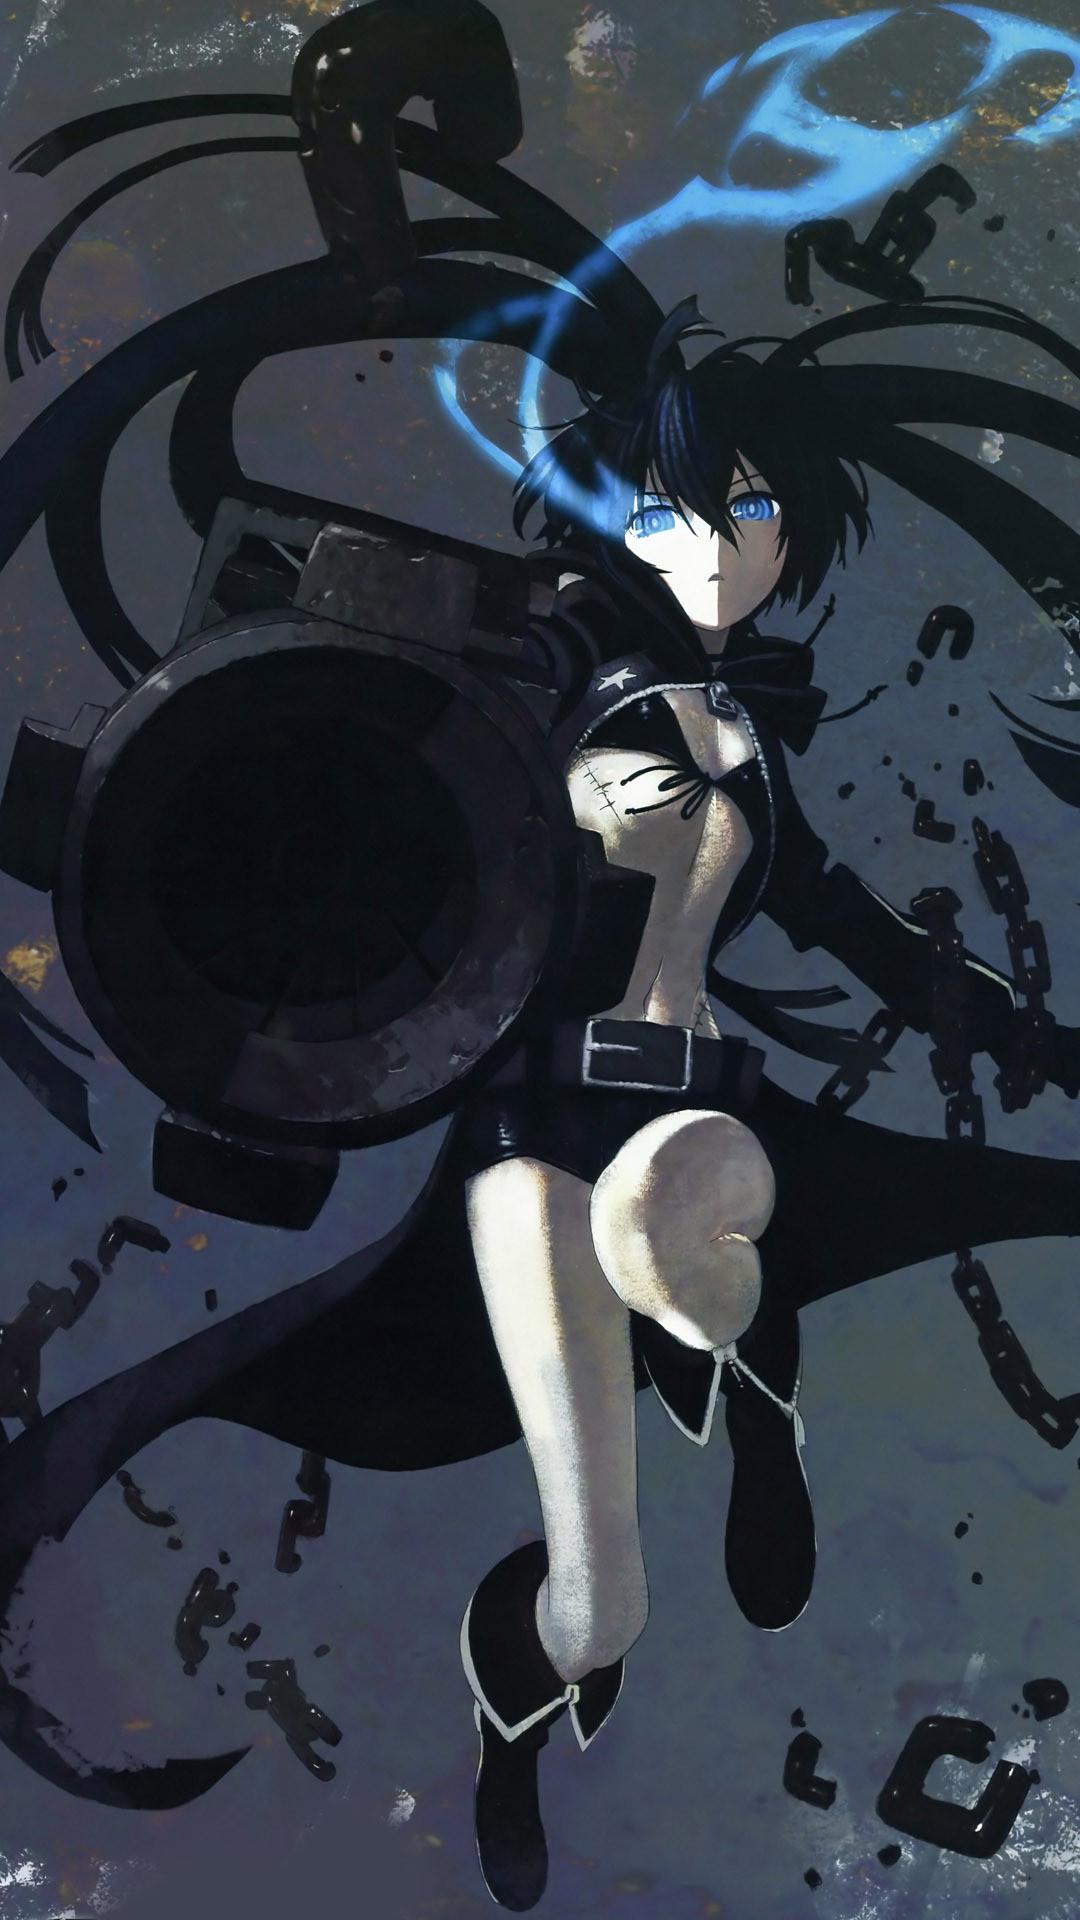 Black-rock-shooter-anime-mobile-wallpaper-1080×1920-12826-